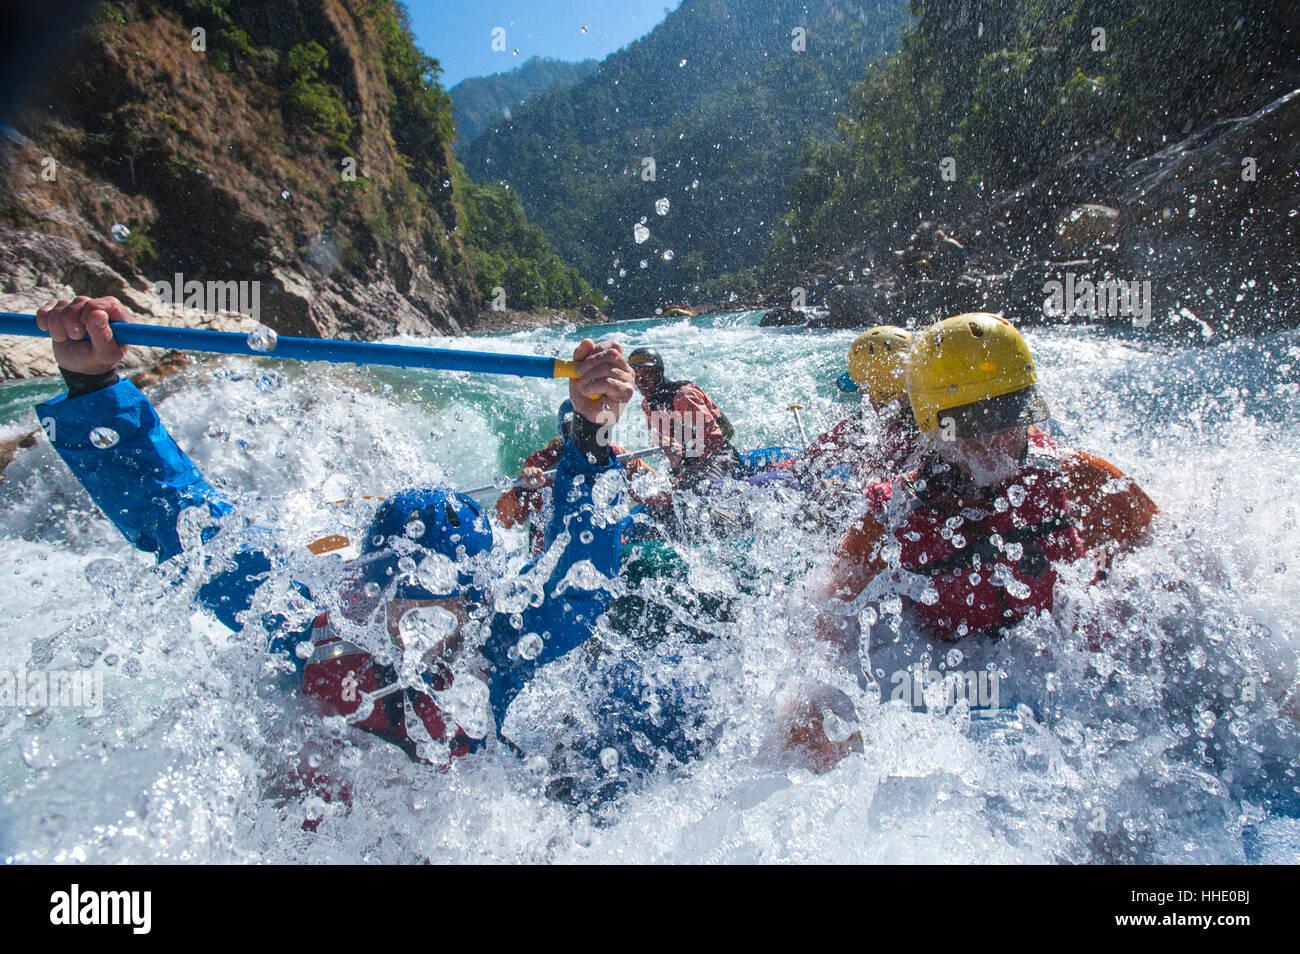 Una expedición de rafting en el río Karnali, Nepal occidental Imagen De Stock